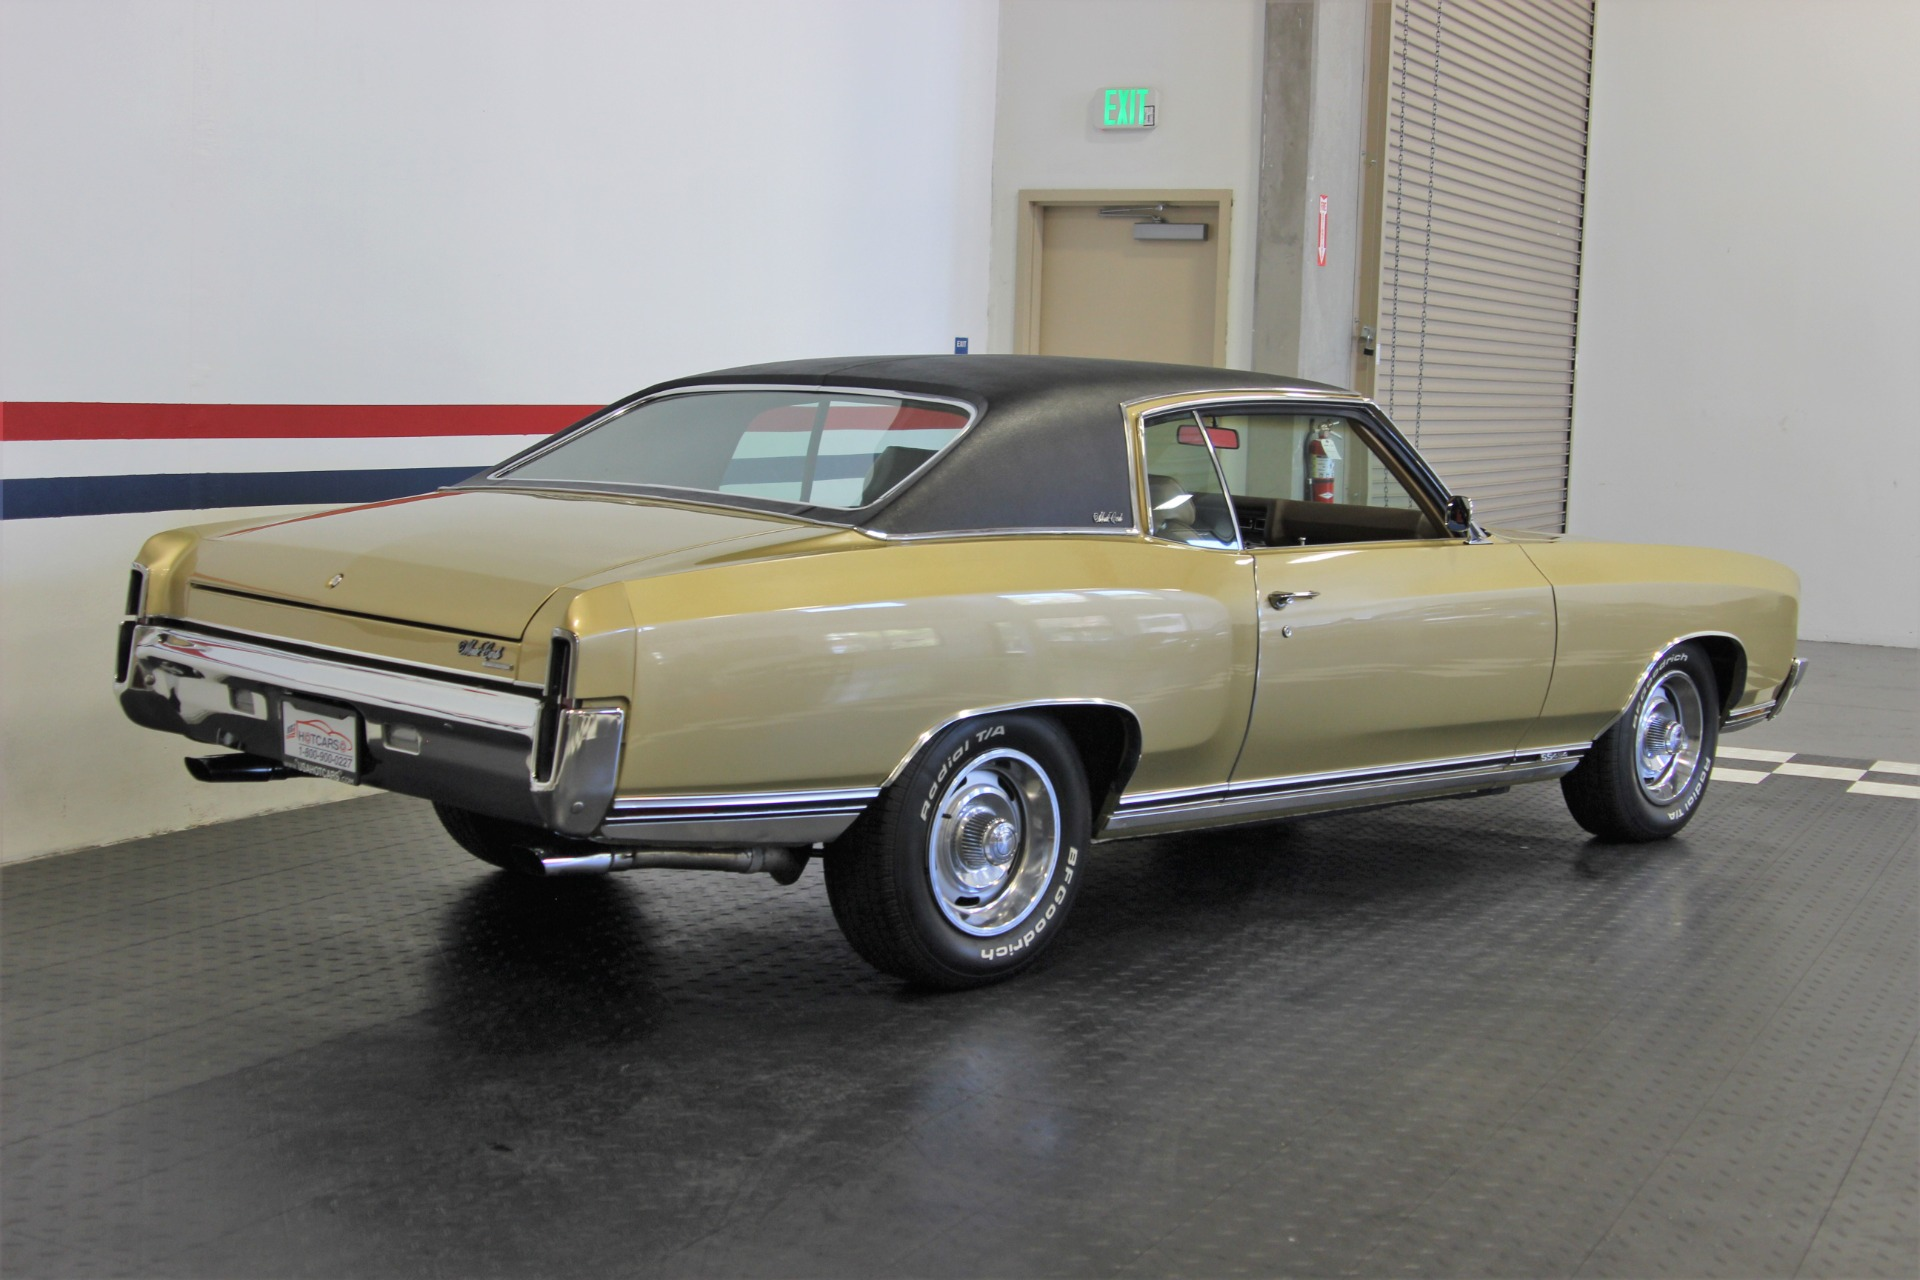 Used-1970-Chevrolet-Monte-Carlo-Super-Sport